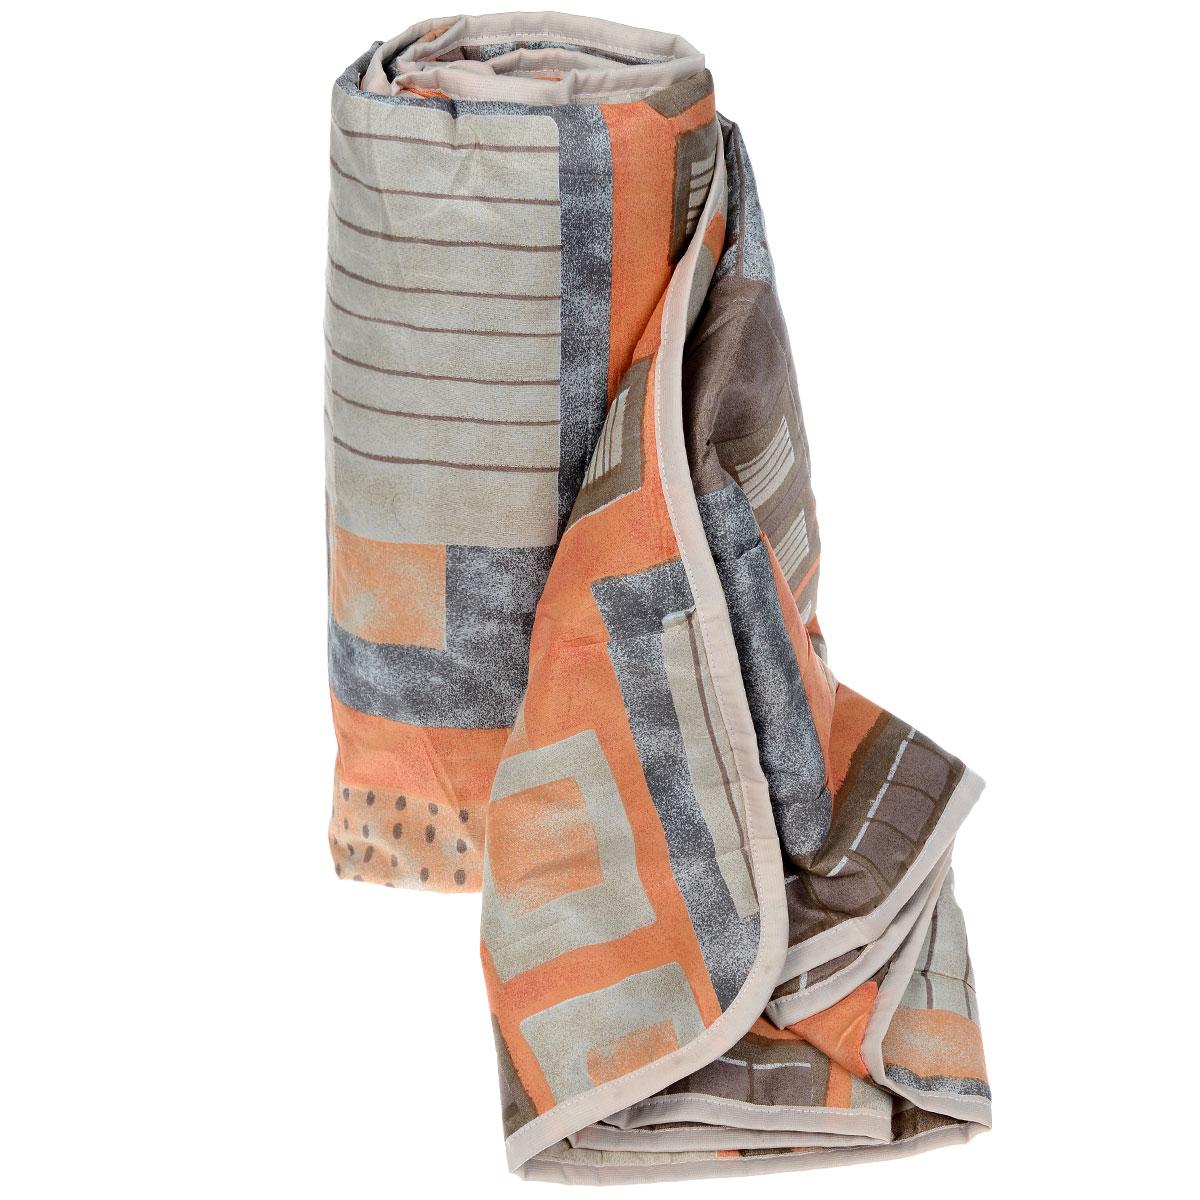 Одеяло летнее OL-Tex Квадраты, наполнитель: полиэфирное волокно Holfiteks, 200 х 220 см100-49000000-60Легкое летнее одеяло OL-Tex Квадраты создаст комфорт и уют во время сна. Чехол выполнен из полиэстера и оформлен красочным цветочным рисунком. Внутри - современный наполнитель из полиэфирного высокосиликонизированного волокна холфитекс, упругий и качественный. Прекрасно держит тепло. Одеяло с наполнителем холфитекс легкое и комфортное. Даже после многократных стирок не теряет свою форму, наполнитель не сбивается, так как одеяло простегано и окантовано.Рекомендации по уходу:- Ручная и машинная стирка при температуре 30°С.- Не гладить.- Не отбеливать. - Нельзя отжимать и сушить в стиральной машине.- Сушить вертикально. Размер одеяла: 200 см х 220 см. Материал чехла: 100% полиэстер. Материал наполнителя: холфитекс.